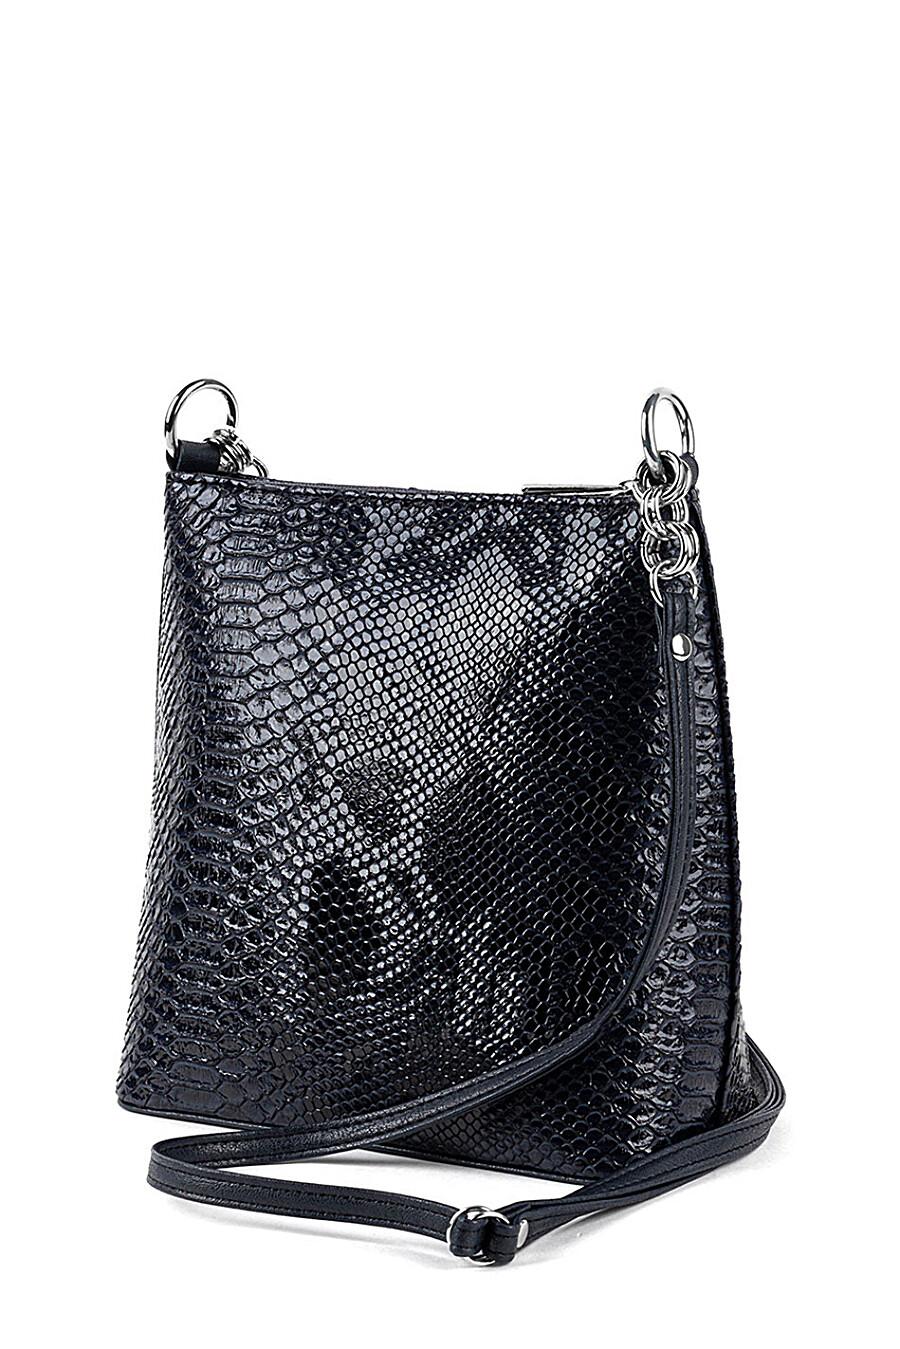 Сумка для женщин L-CRAFT 260362 купить оптом от производителя. Совместная покупка женской одежды в OptMoyo